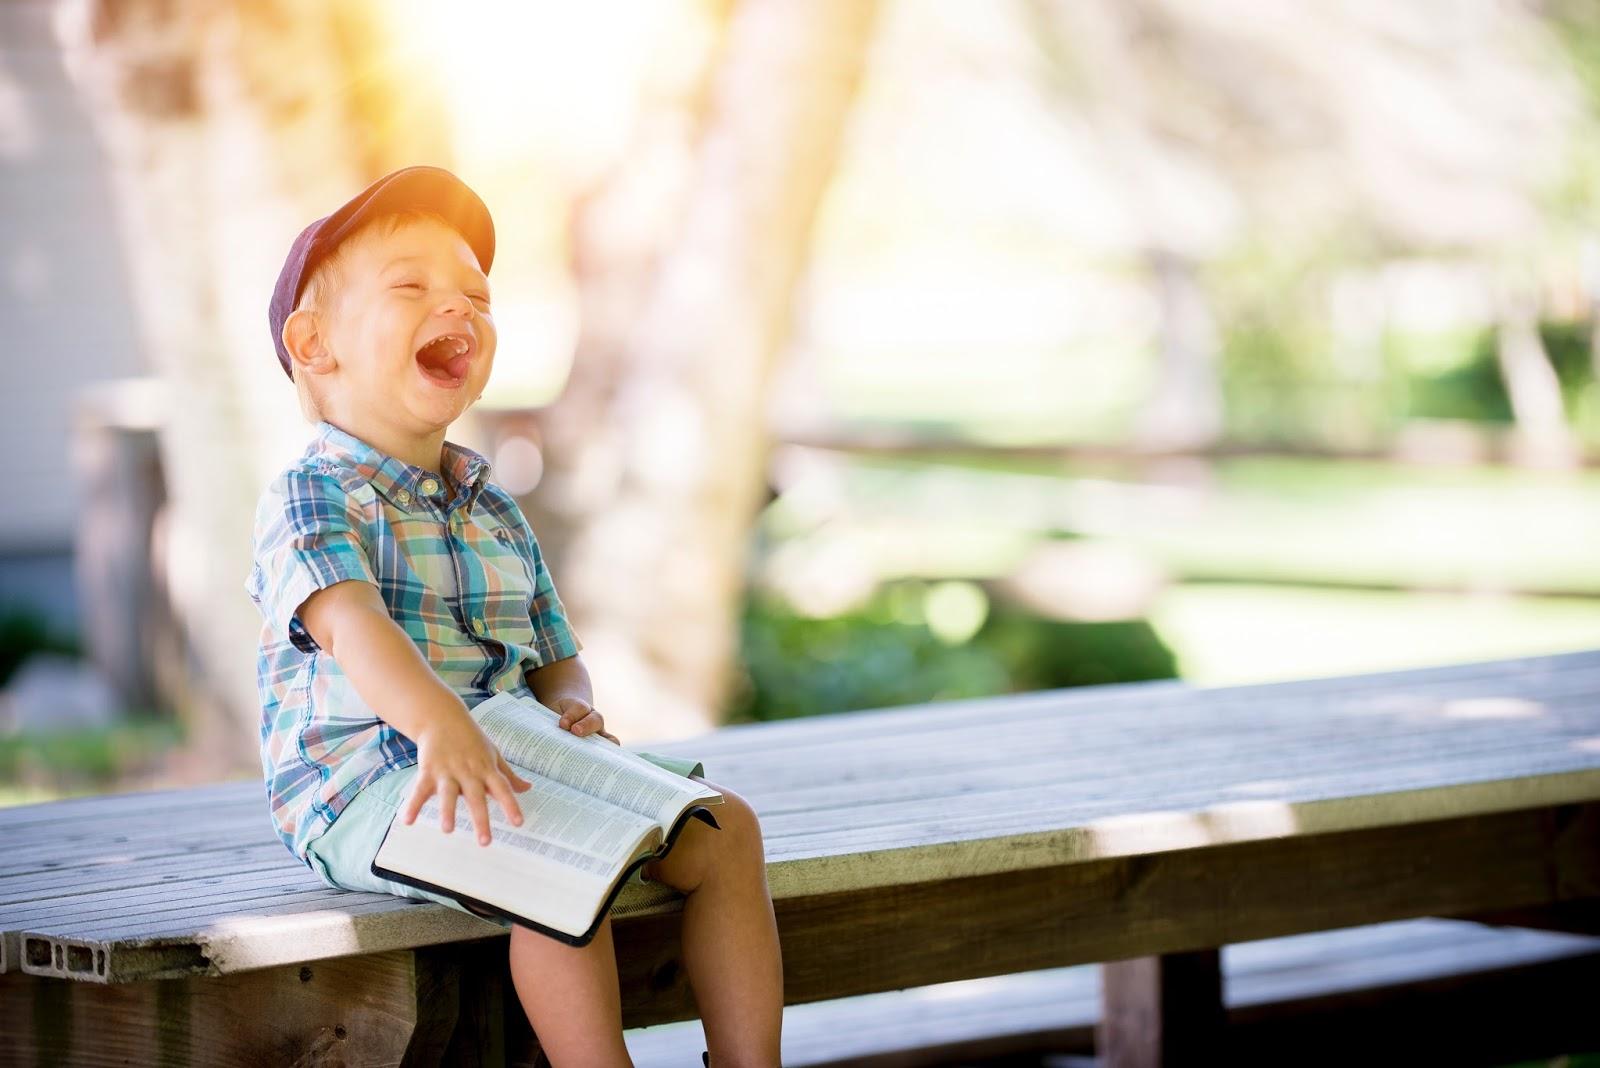 Mana yang Didahulukan, Mendidik Anak Menjadi Sholeh atau Pintar.? Baca Kisah Inspirasi Ini